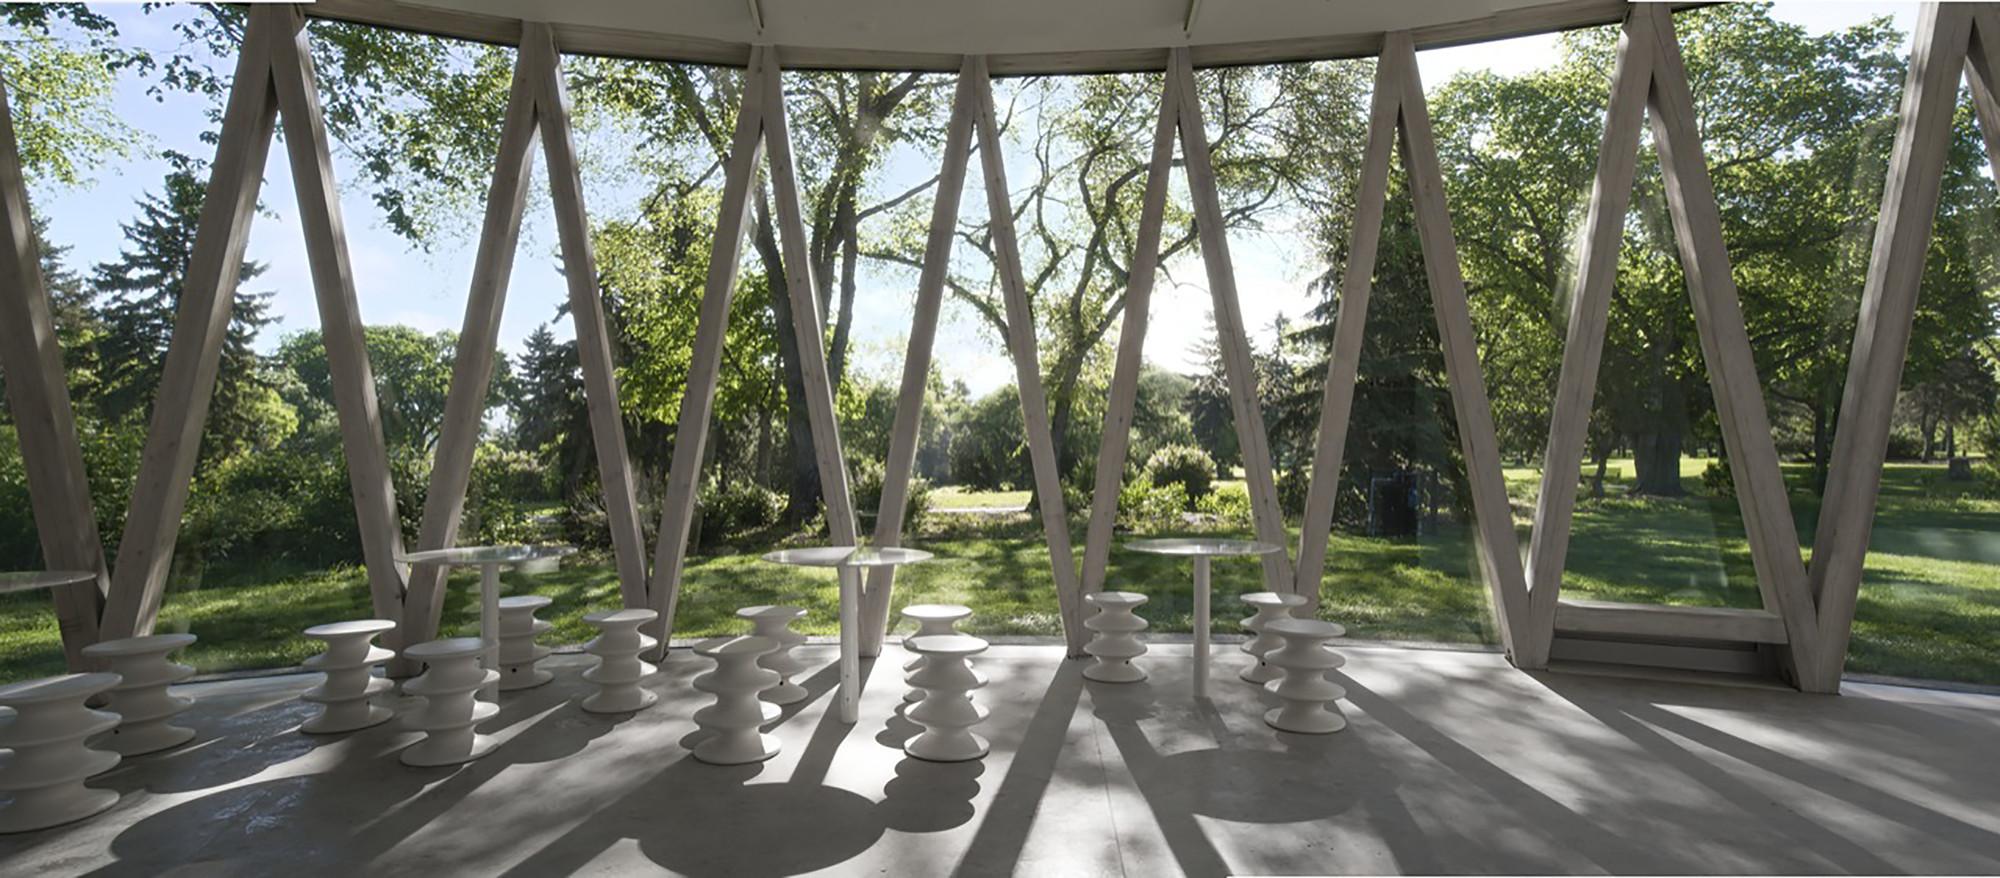 Borden Park Pavilion / gh3, © Raymond Chow